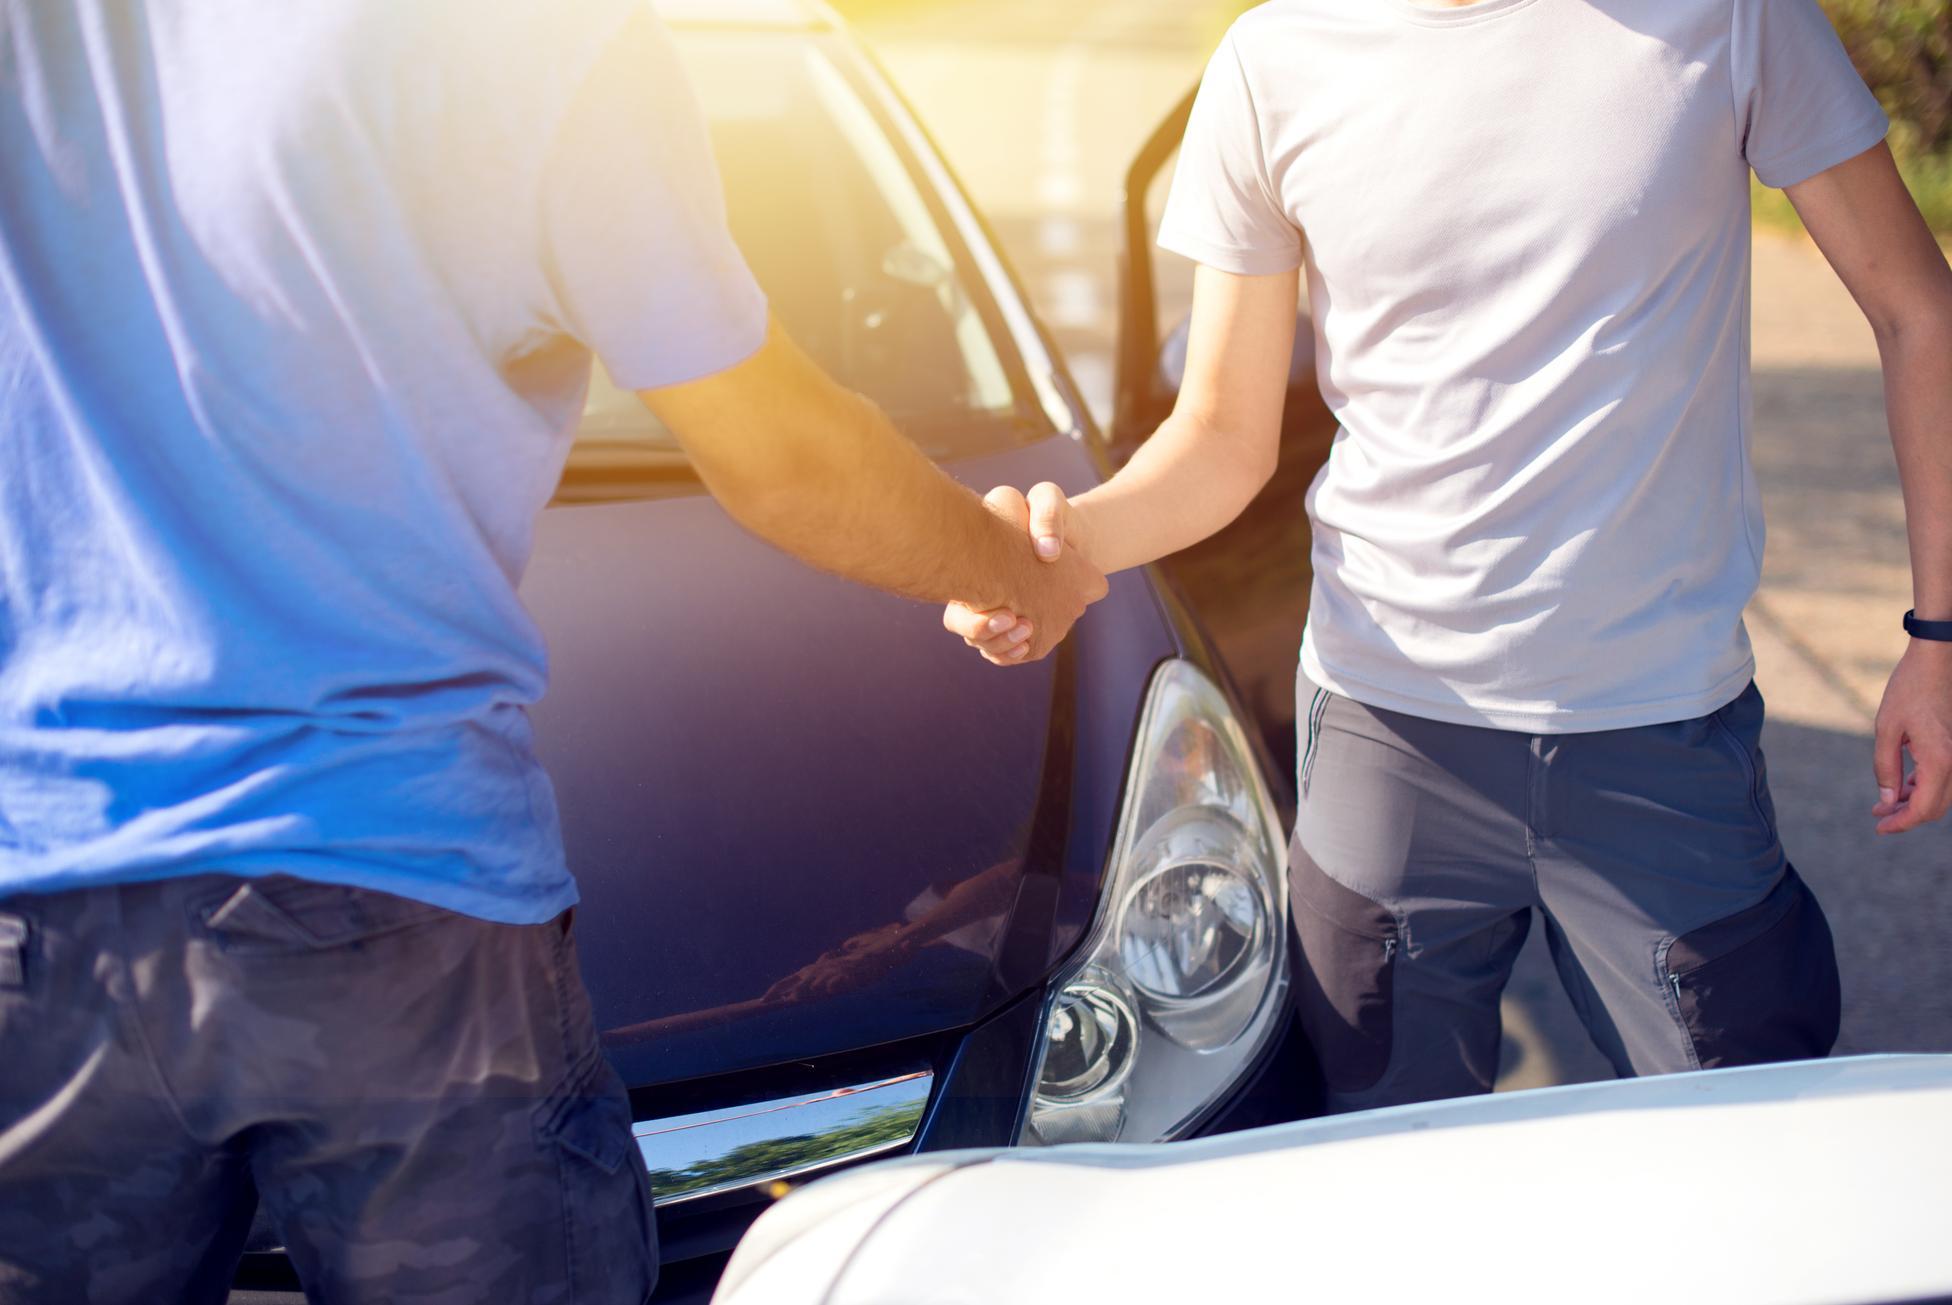 099238778-handshake-between-drivers-afte